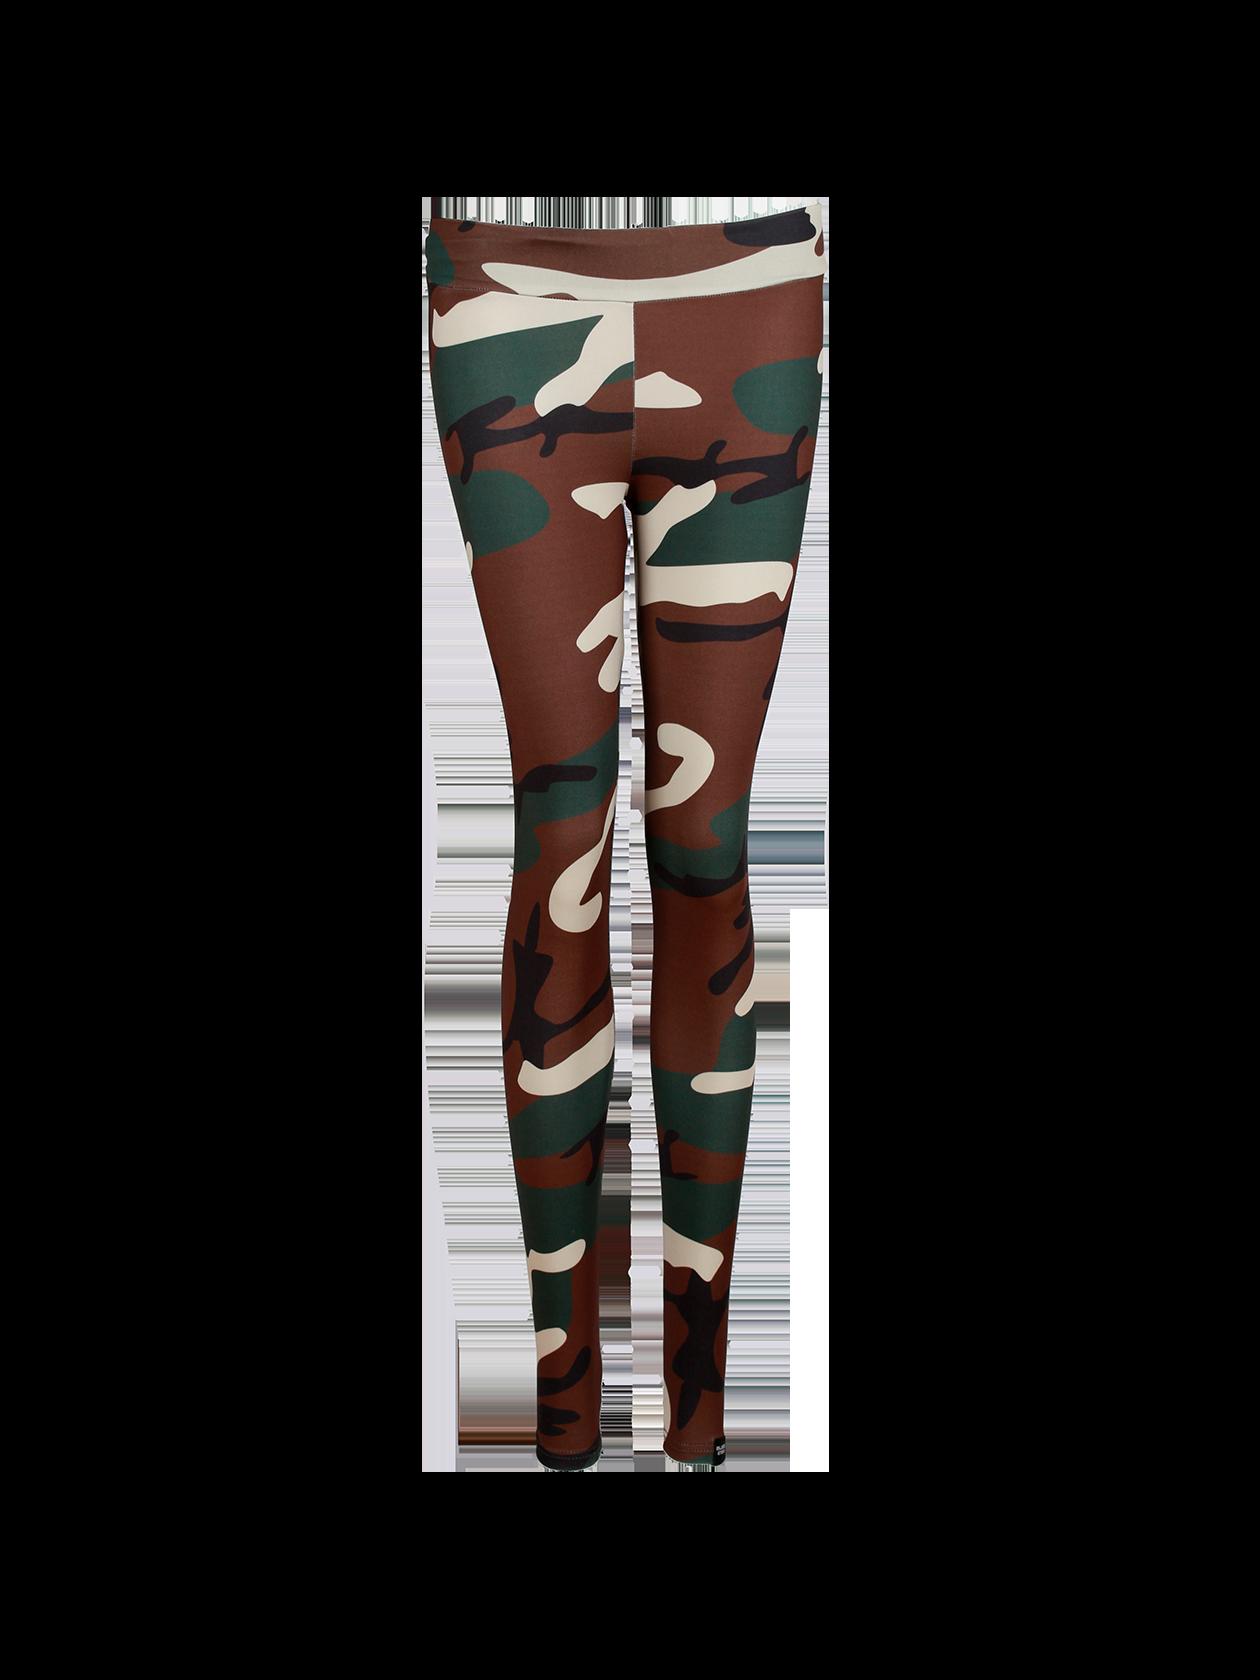 Teens leggings CAMO 13Леггинсы подростковые Само 13 отлично сочетаются с одеждой спортивного и повседневного стиля. Популярная камуфляжная расцветка актуальна в любом сезоне. Облегающий крой модели хорошо подчеркивает достоинства фигуры. Широкий пояс выполнен из брендированной резинки. Вещь изготовлена из прочного микроинтерлока, обладающего высокими практичными свойствами. Внизу на левом голенище фирменная нашивка с логотипом Black Star Wear из жаккардового материала.<br><br>size: 15-16 years<br>color: Camouflage<br>gender: unisex